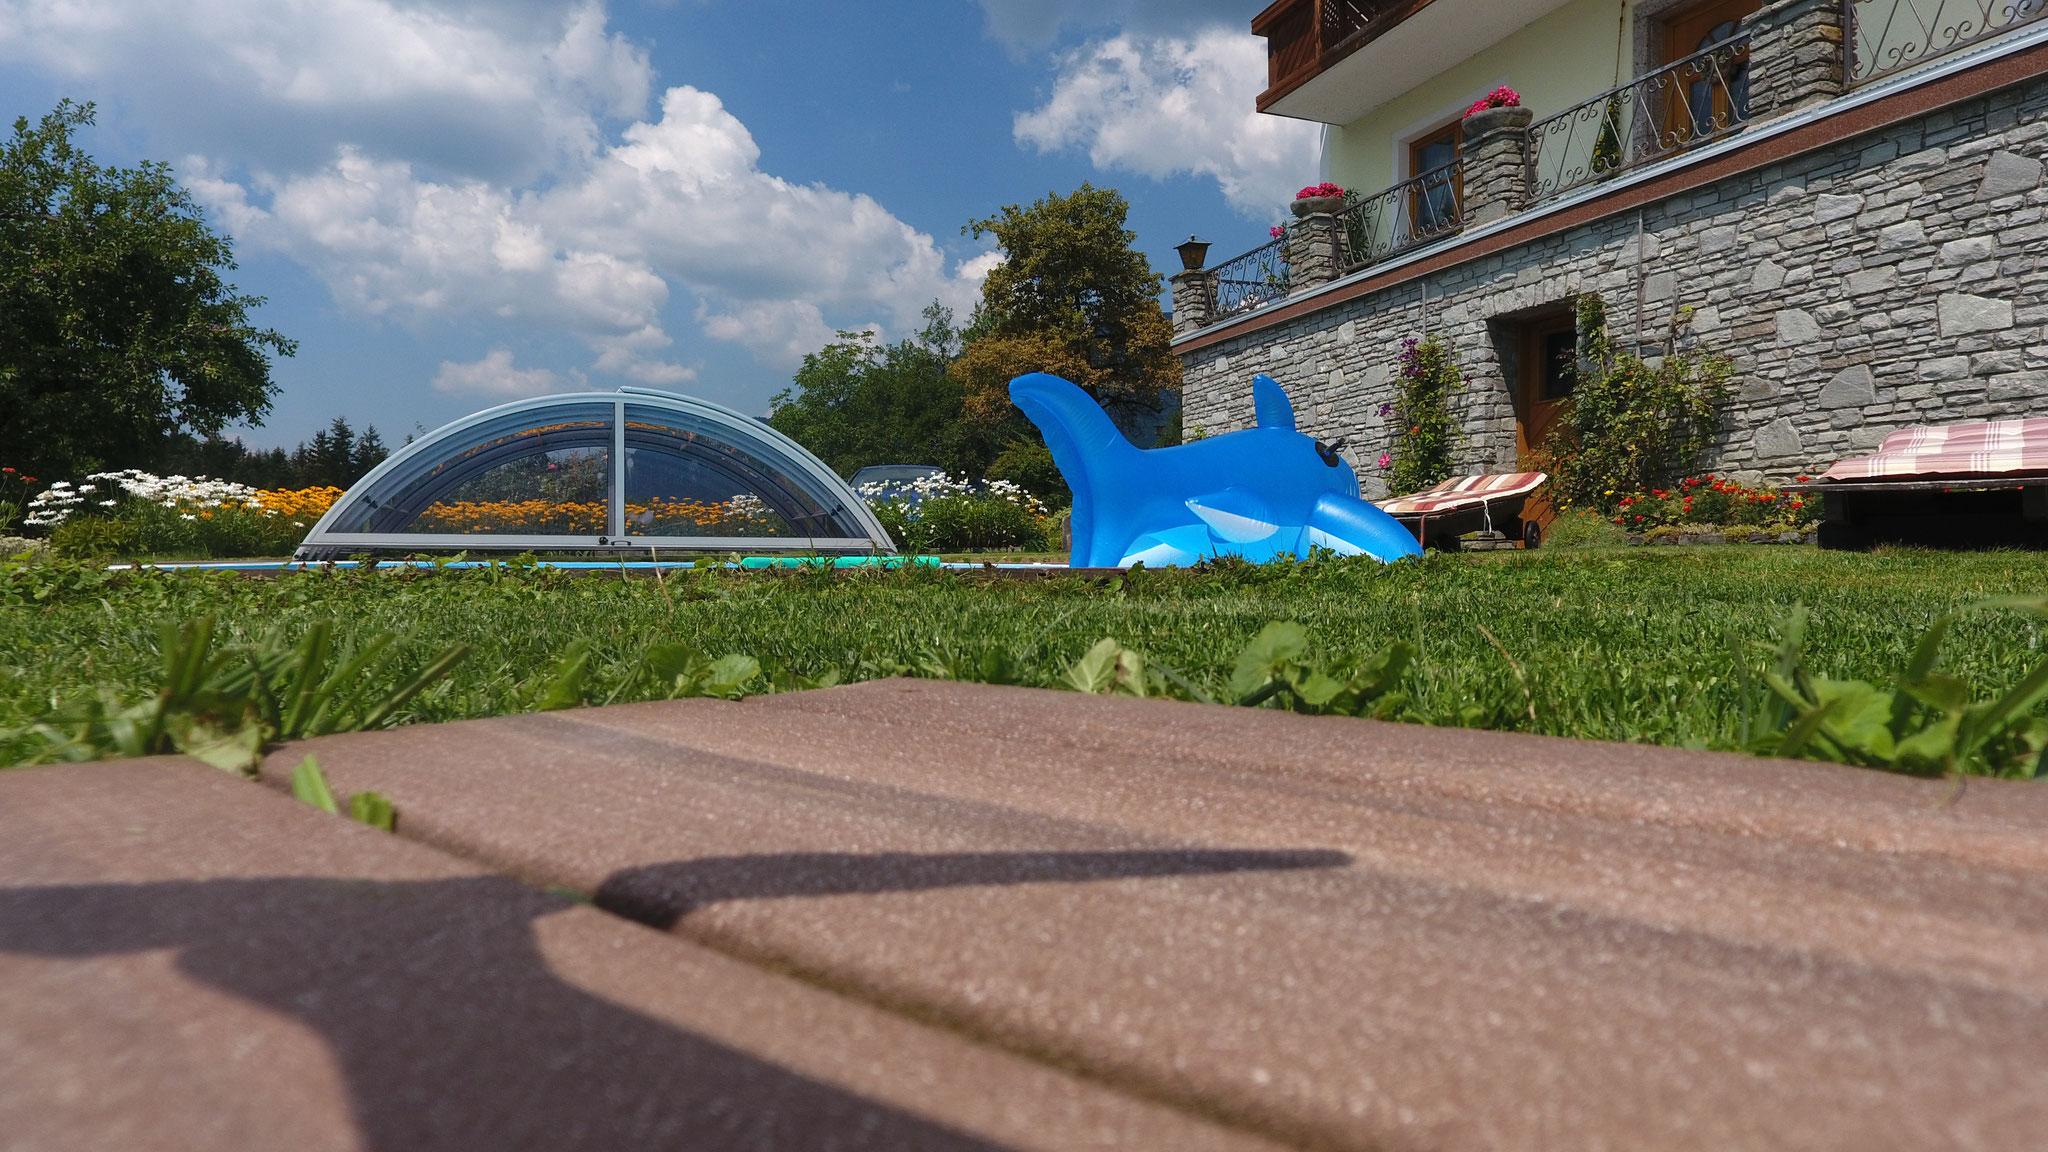 Schwimmbad Biohof Haus Wieser, Abtenau, Salzburg Land